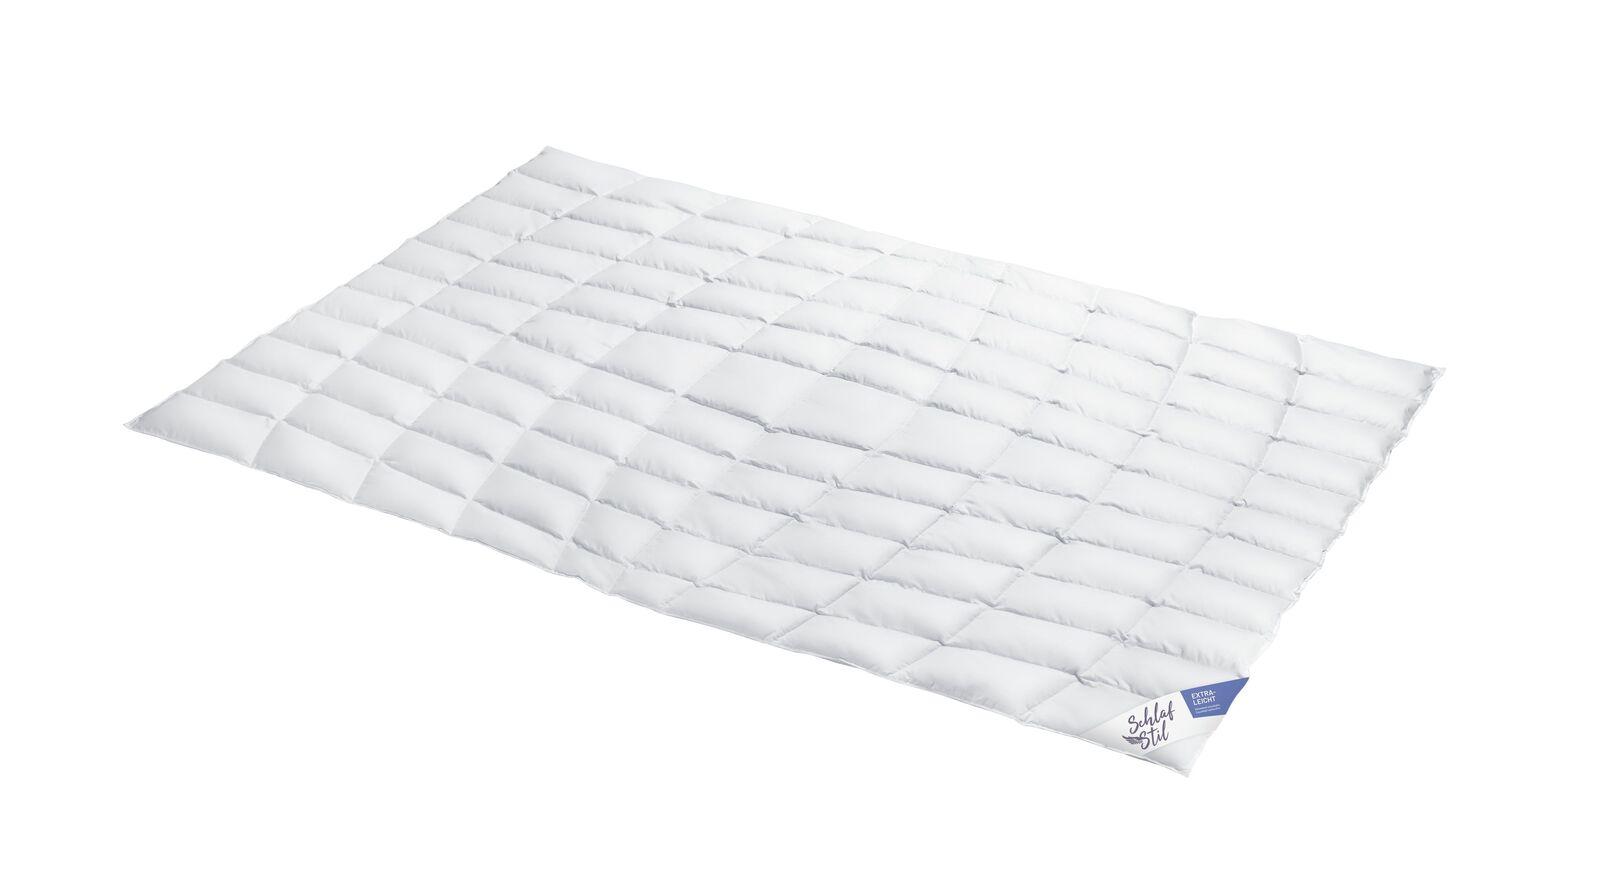 SCHLAFSTIL Eiderdaunen-Bettdecke D1000 extra leicht für schwereloses Schlafen